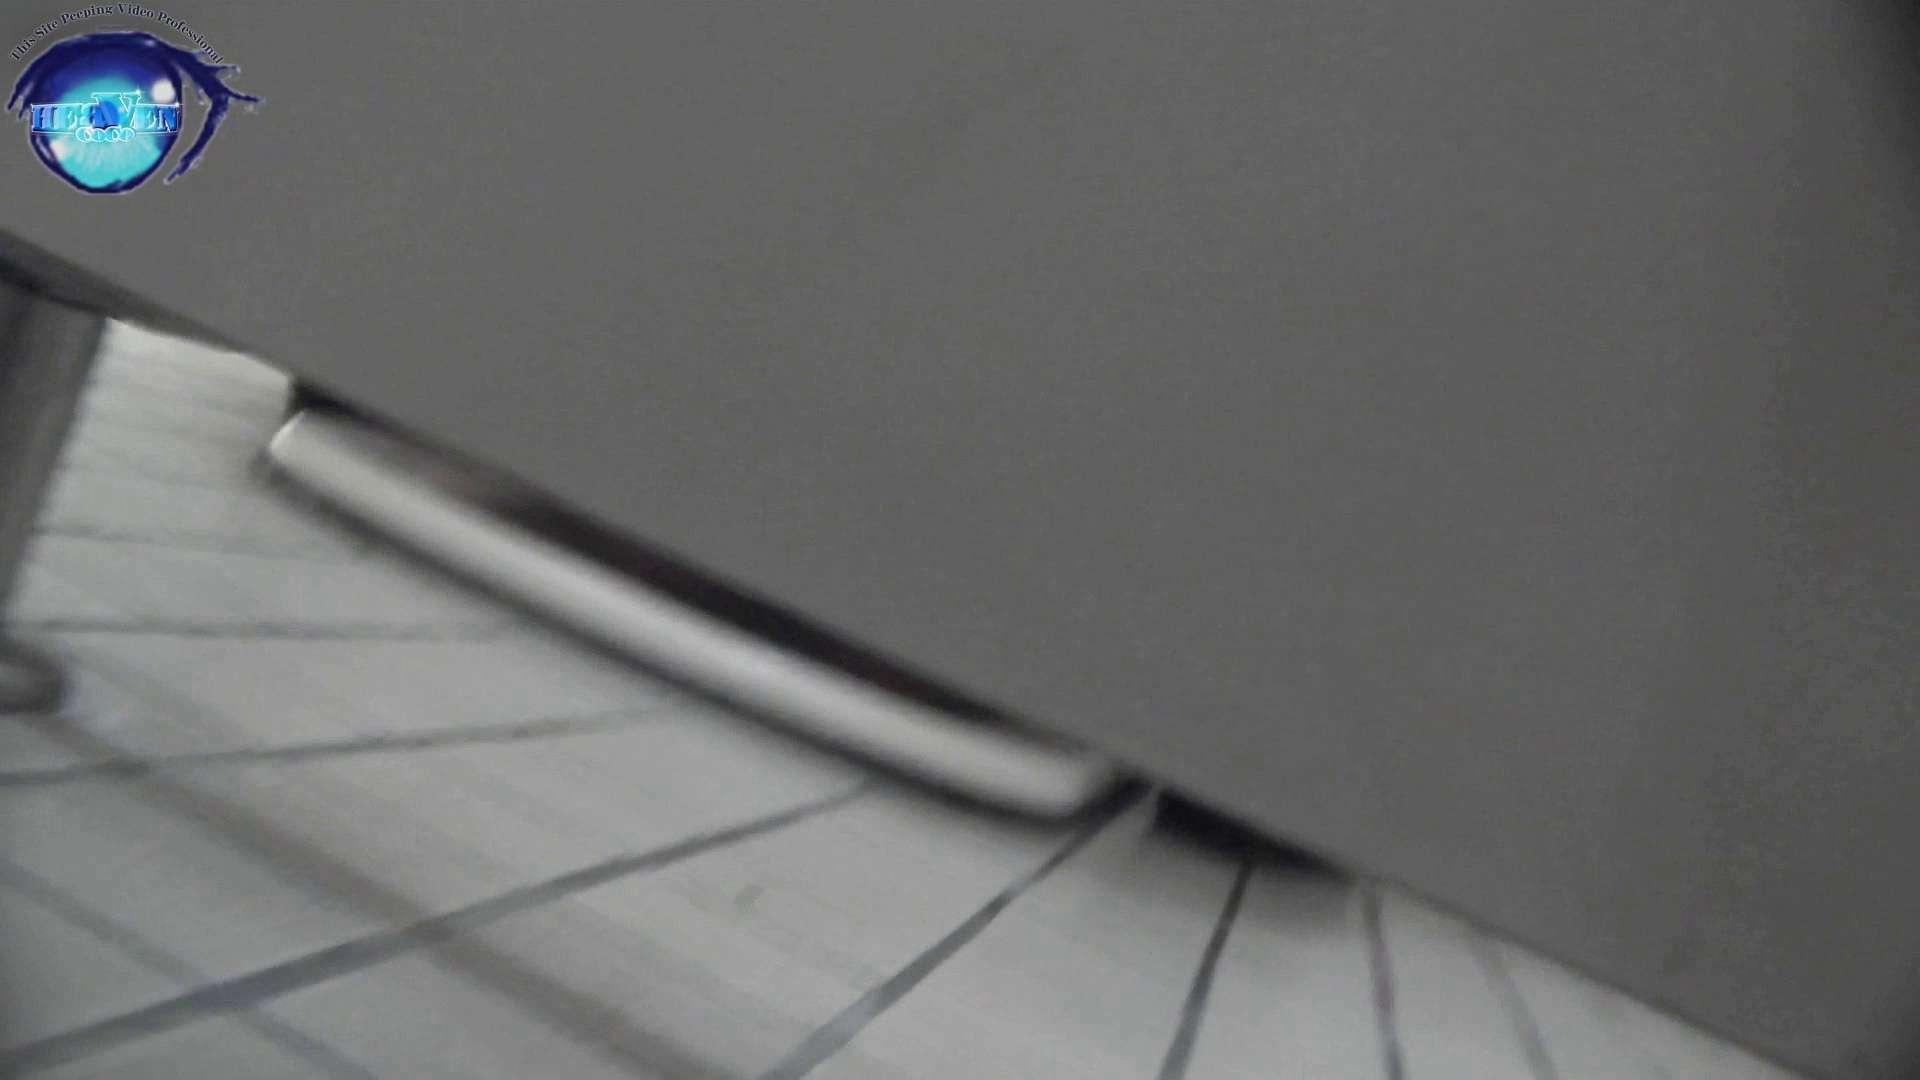 お銀さん vol.59 ピンチ!!「鏡の前で祈る女性」にばれる危機 前編 HなOL ヌード画像 96pic 62